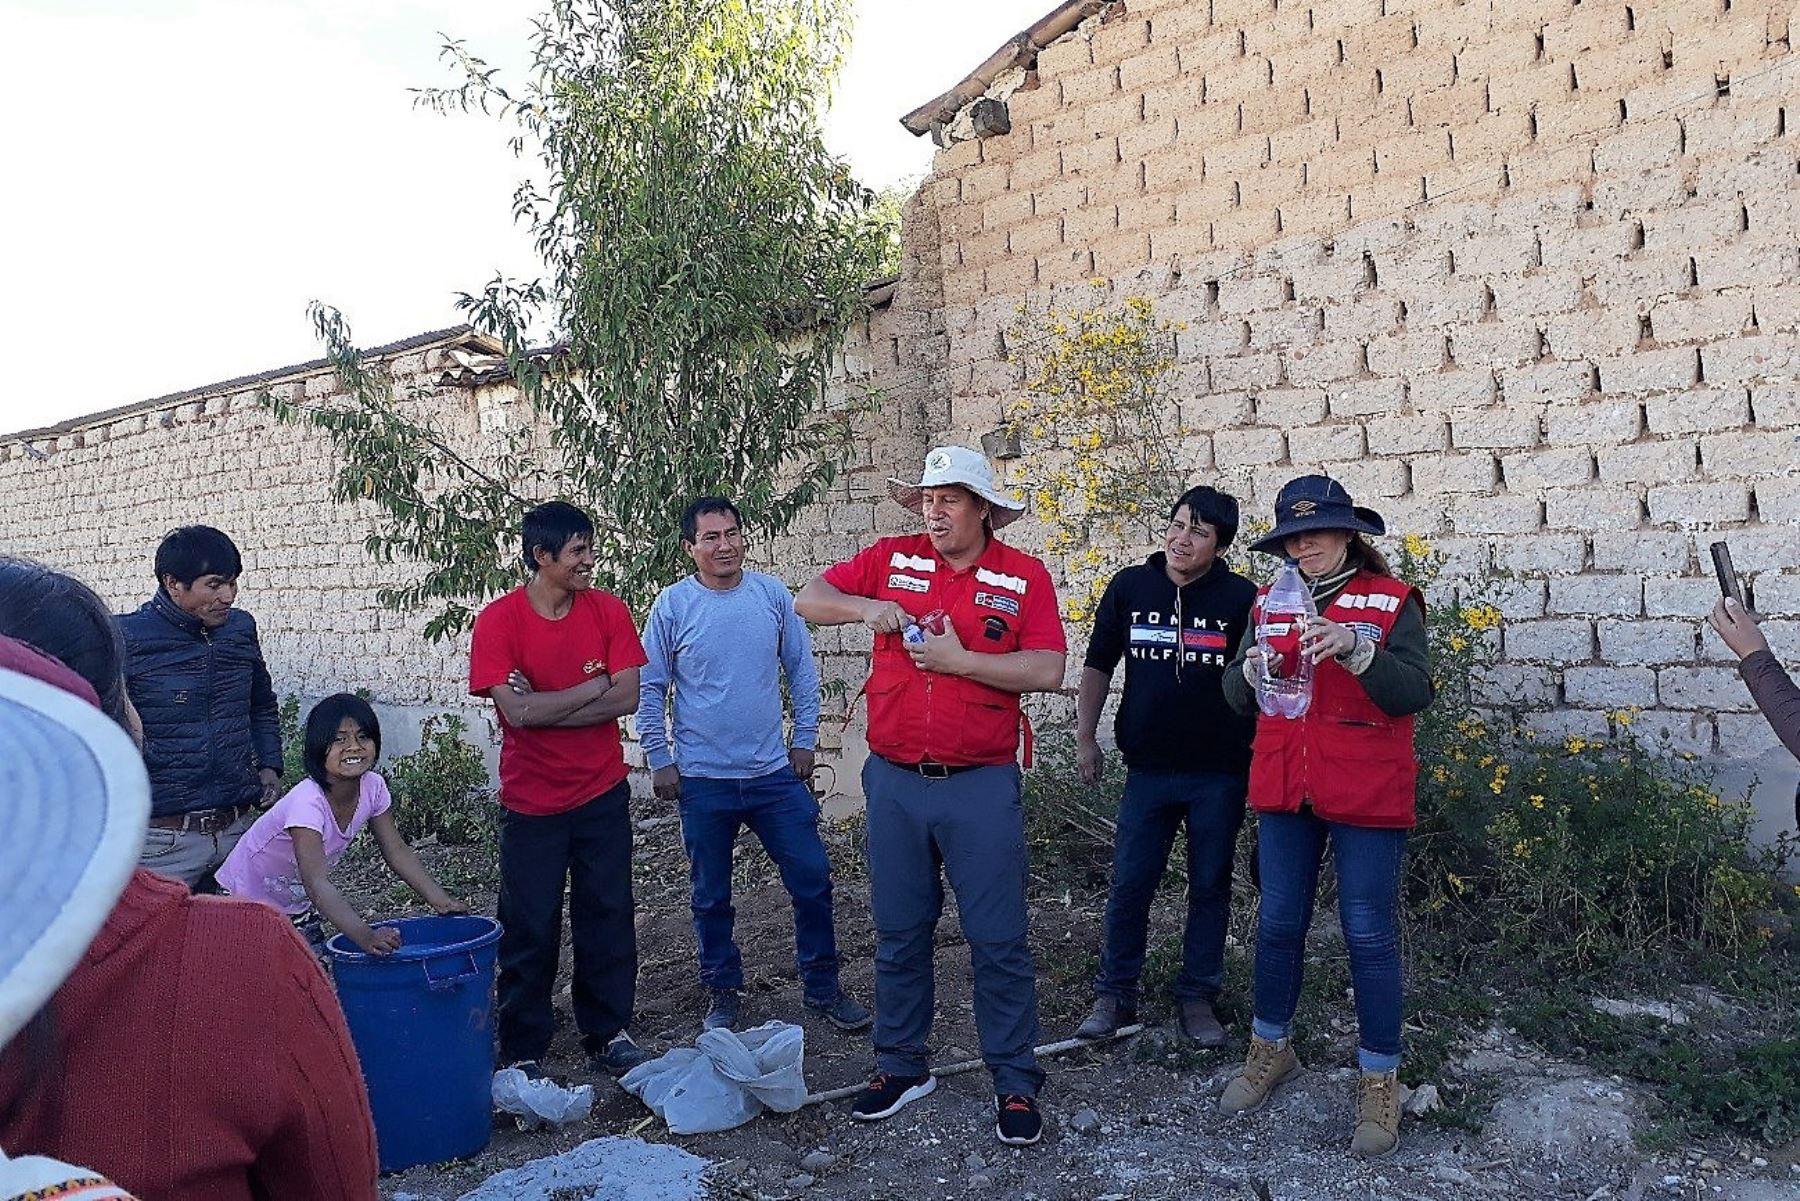 Qali Warma implementa huertos escolares en Junín para sembrar hortalizas orgánicas. ANDINA